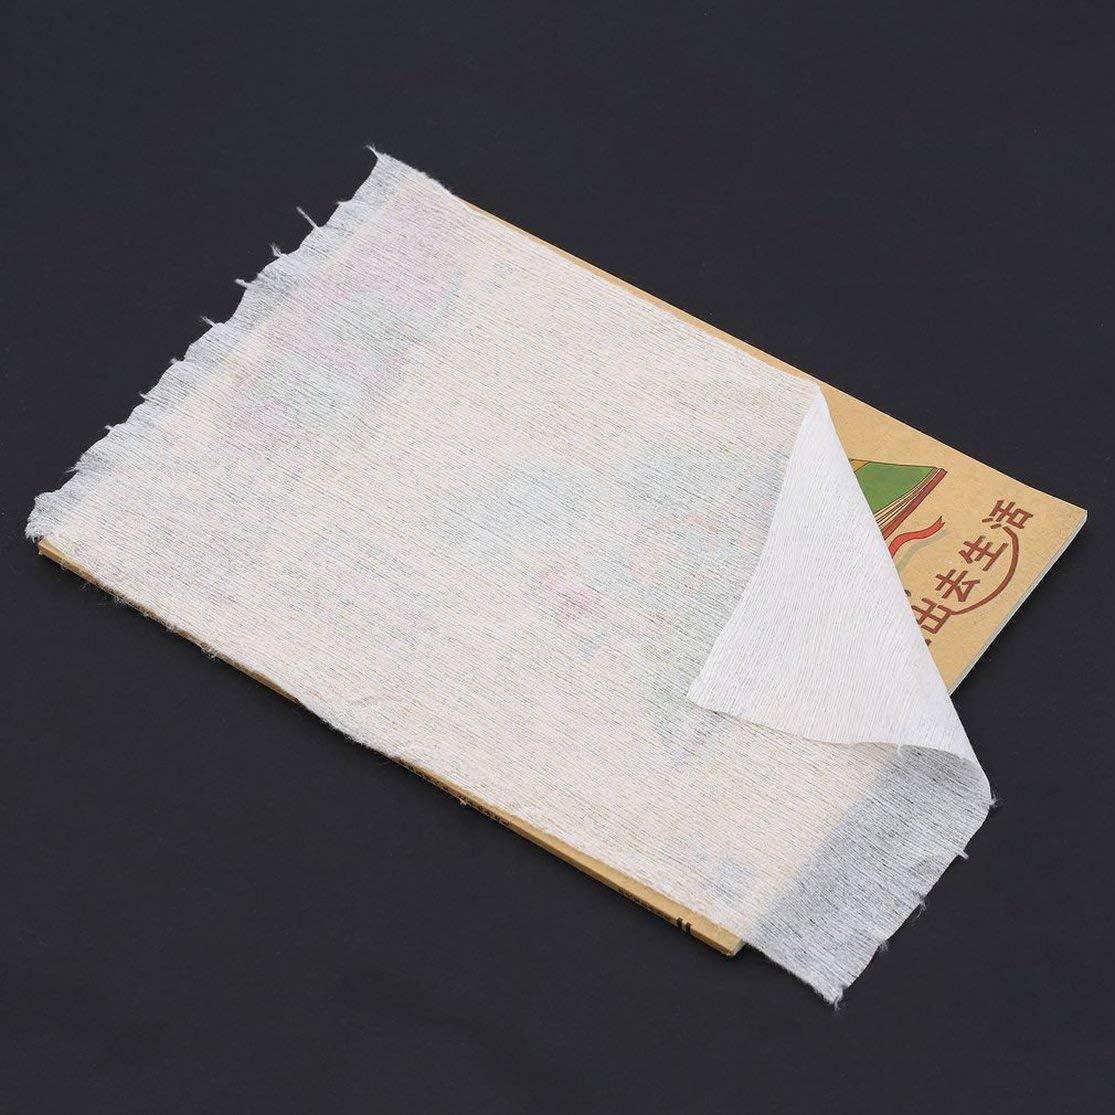 Candybarbar Le Tissu jetable biod/égradable jetable jetable dans Les Couches de b/éb/é Couche en Bambou doublures 100 Feuilles pour 1 Petit Pain 18cmx30cm